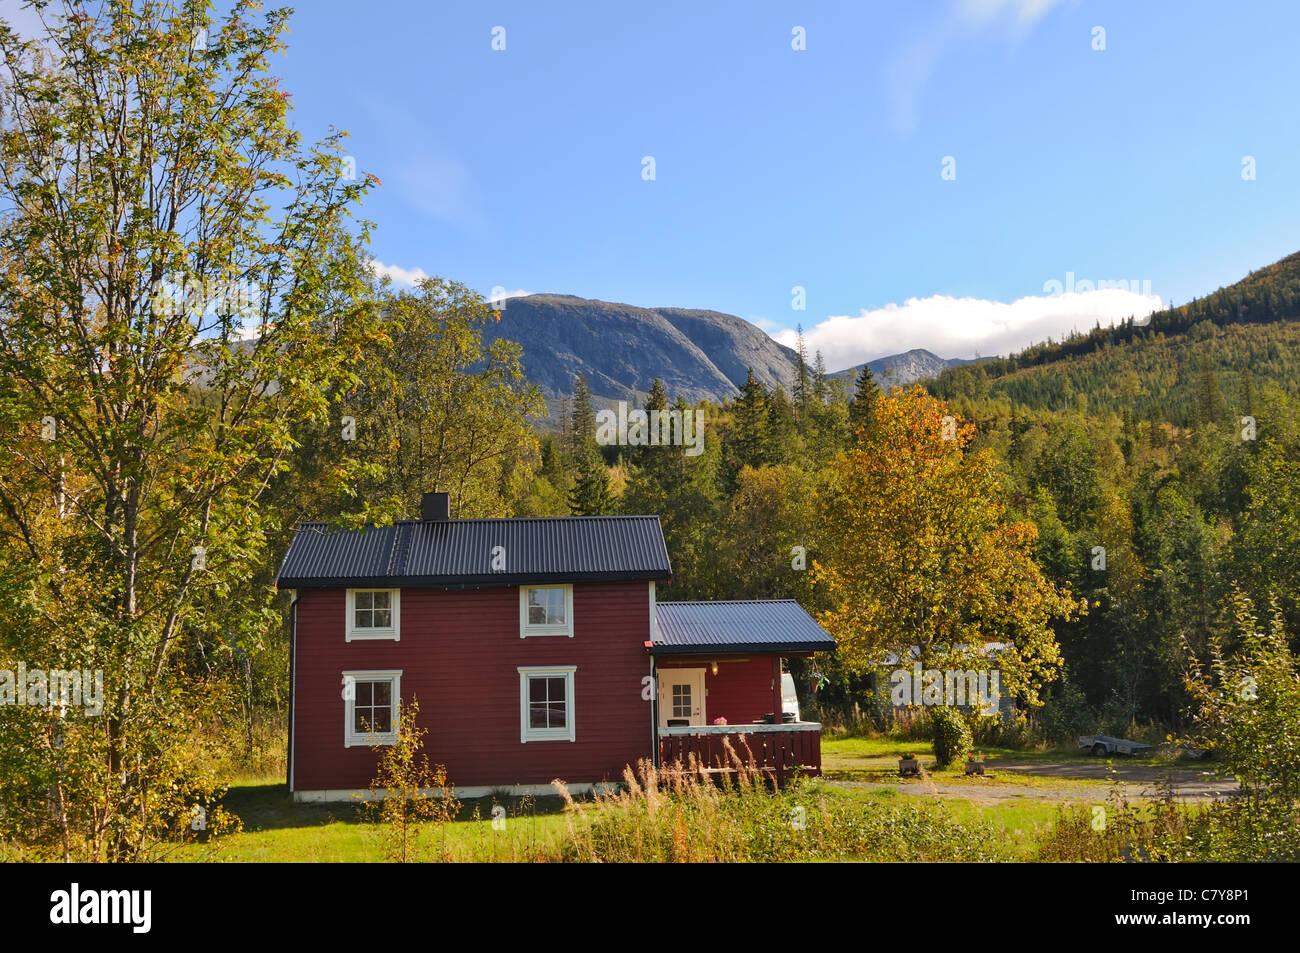 Case Di Montagna In Legno : In legno antico norvegese tradizionale casa di montagna foto